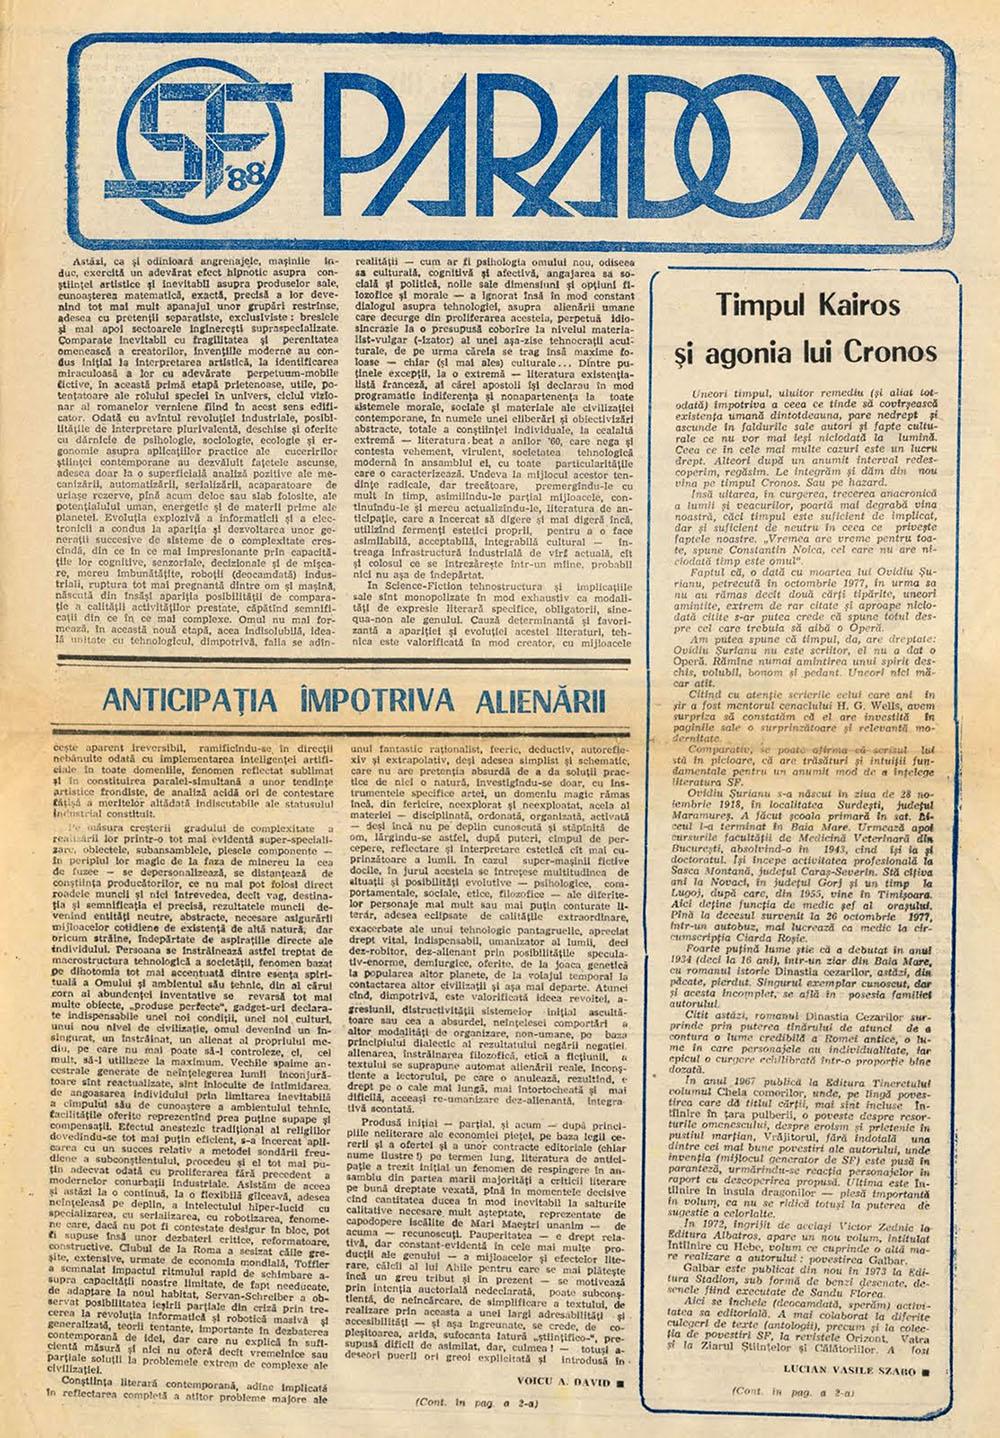 Paradox nr. 13/1988